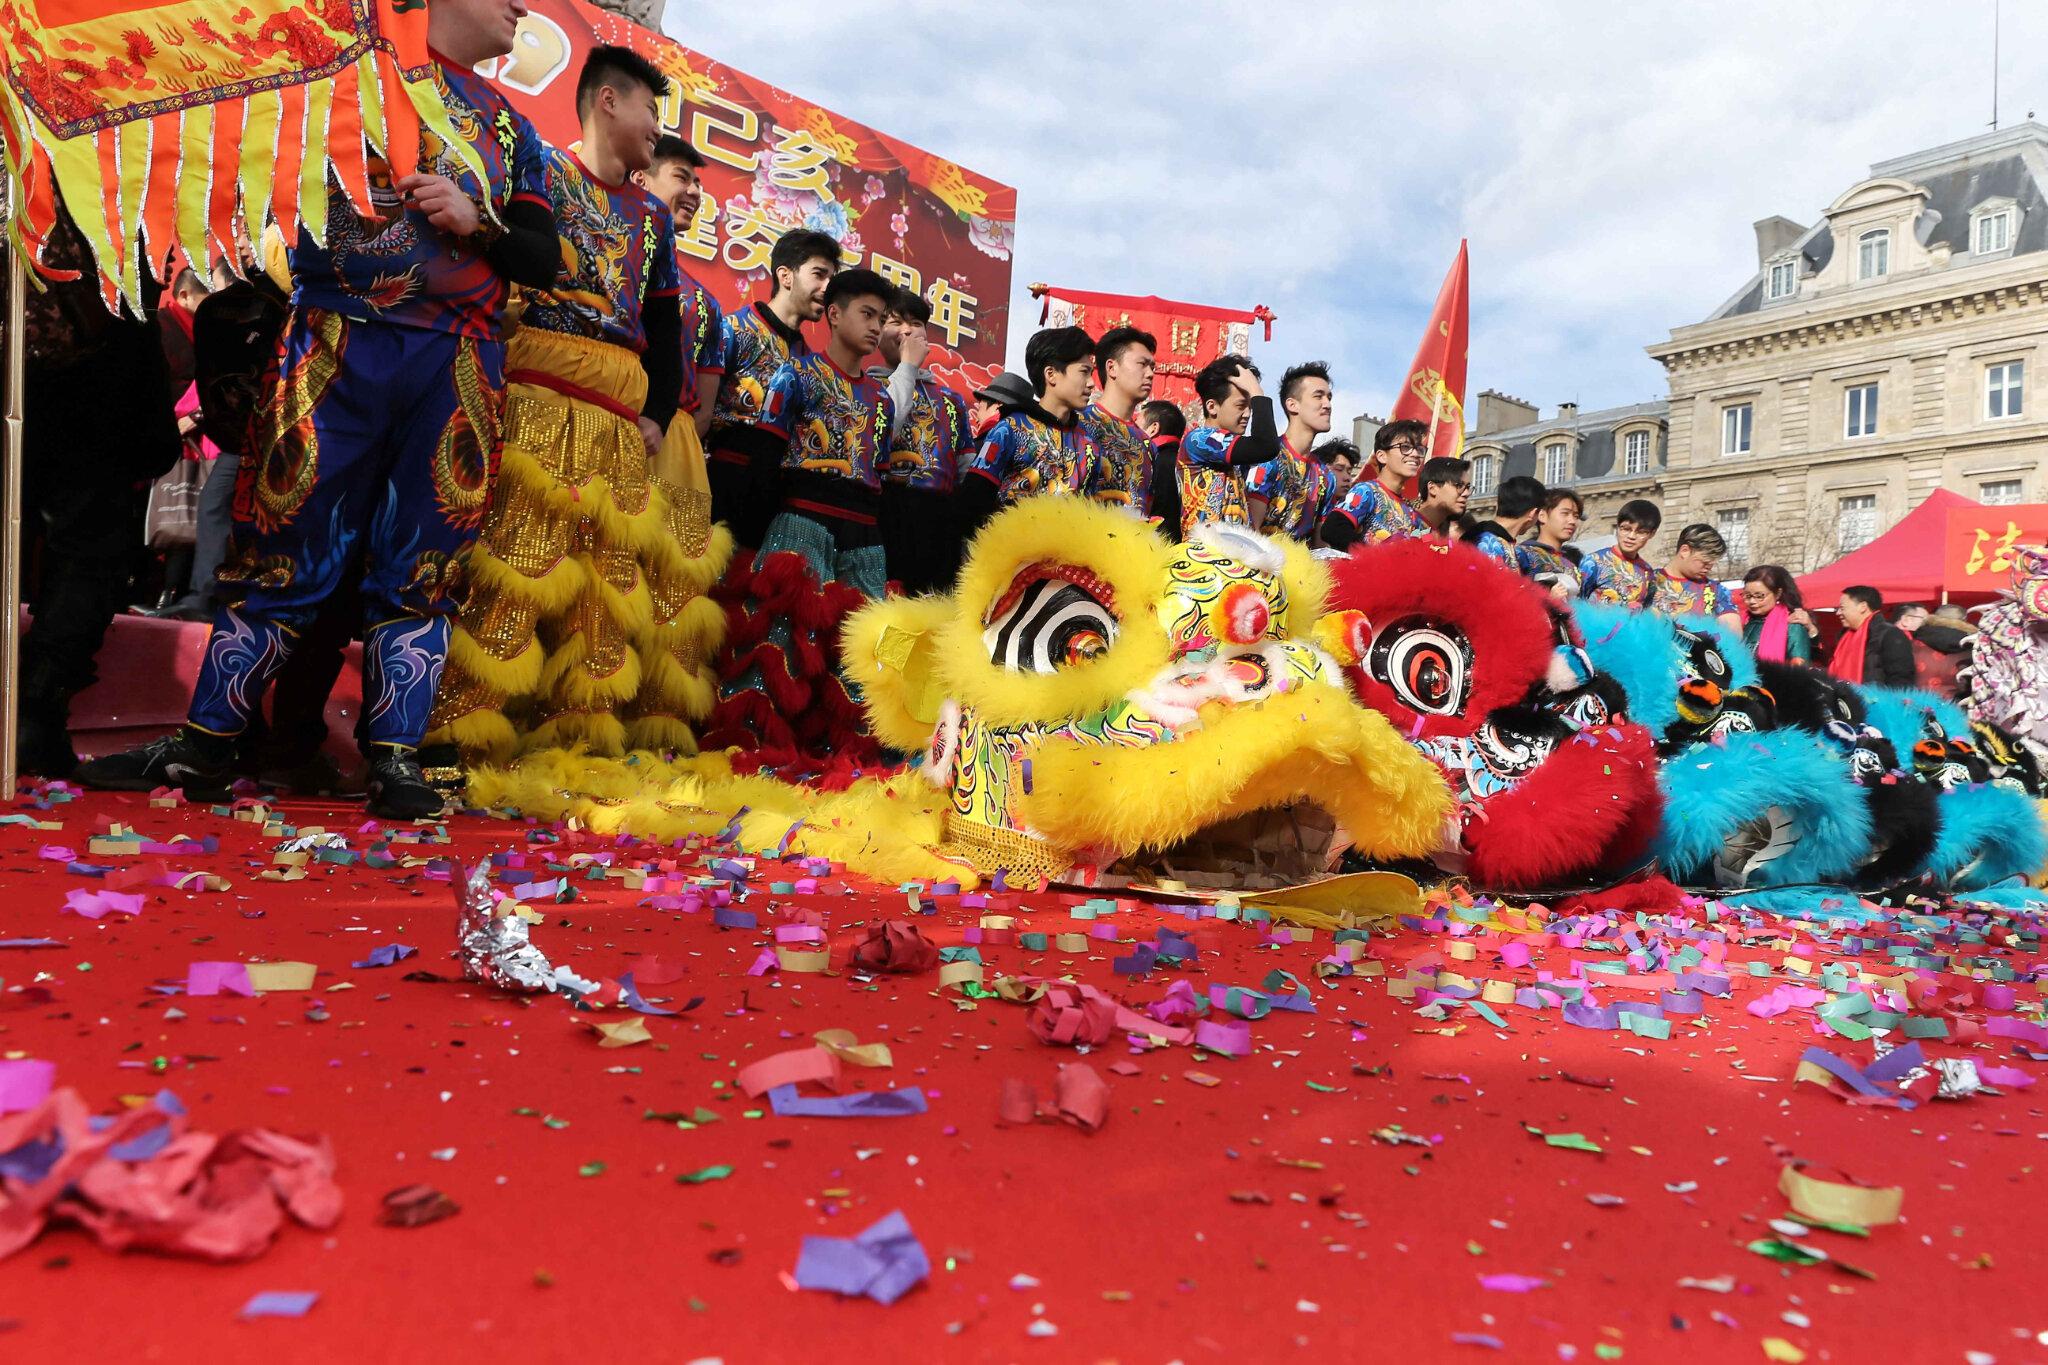 La communauté chinoise à Paris fête l'année du Porc. © Michel Stoupak. Dim 10.02.2019, 14h29m44.